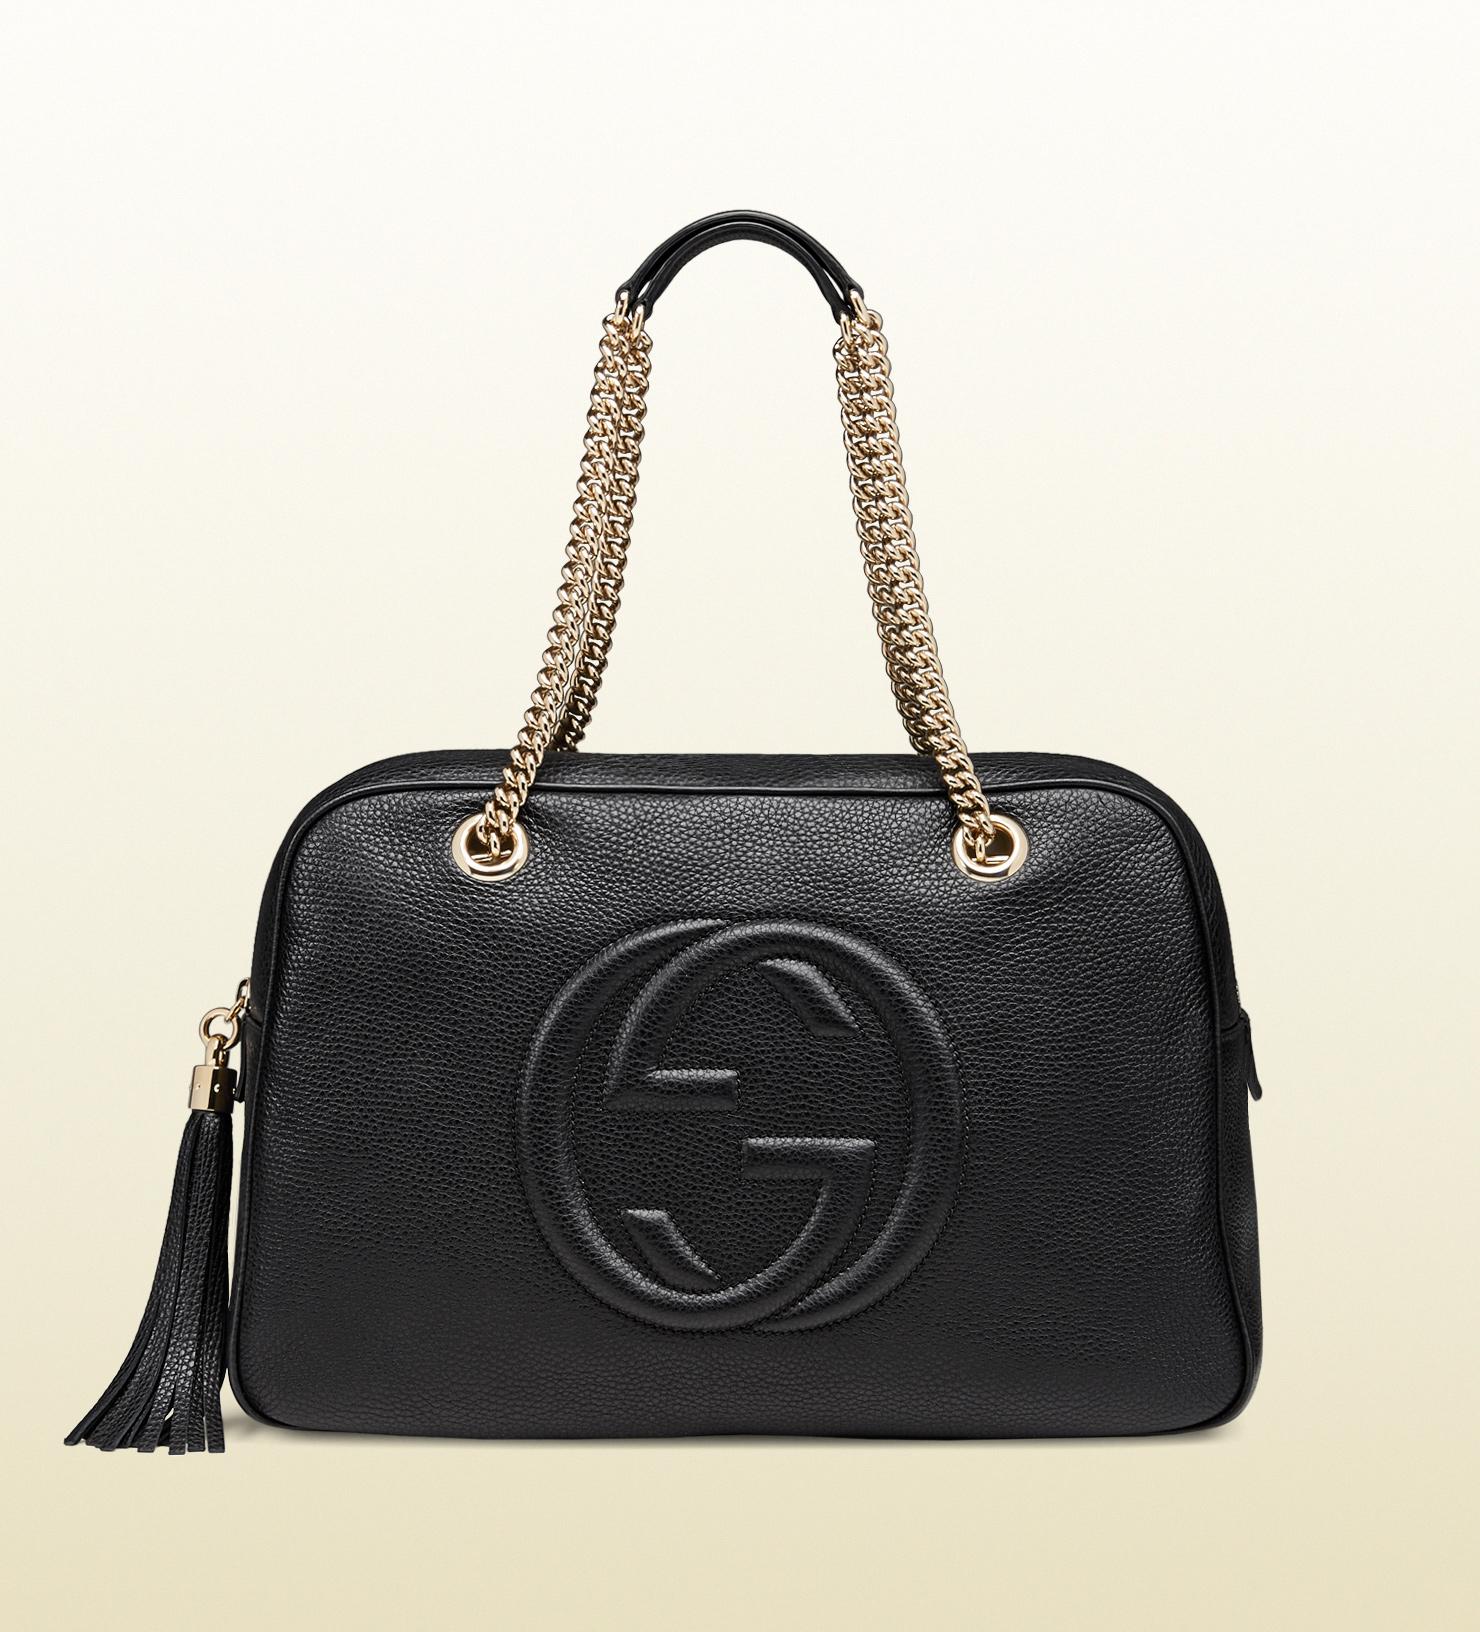 Lyst - Gucci Soho Leather Shoulder Bag in Black